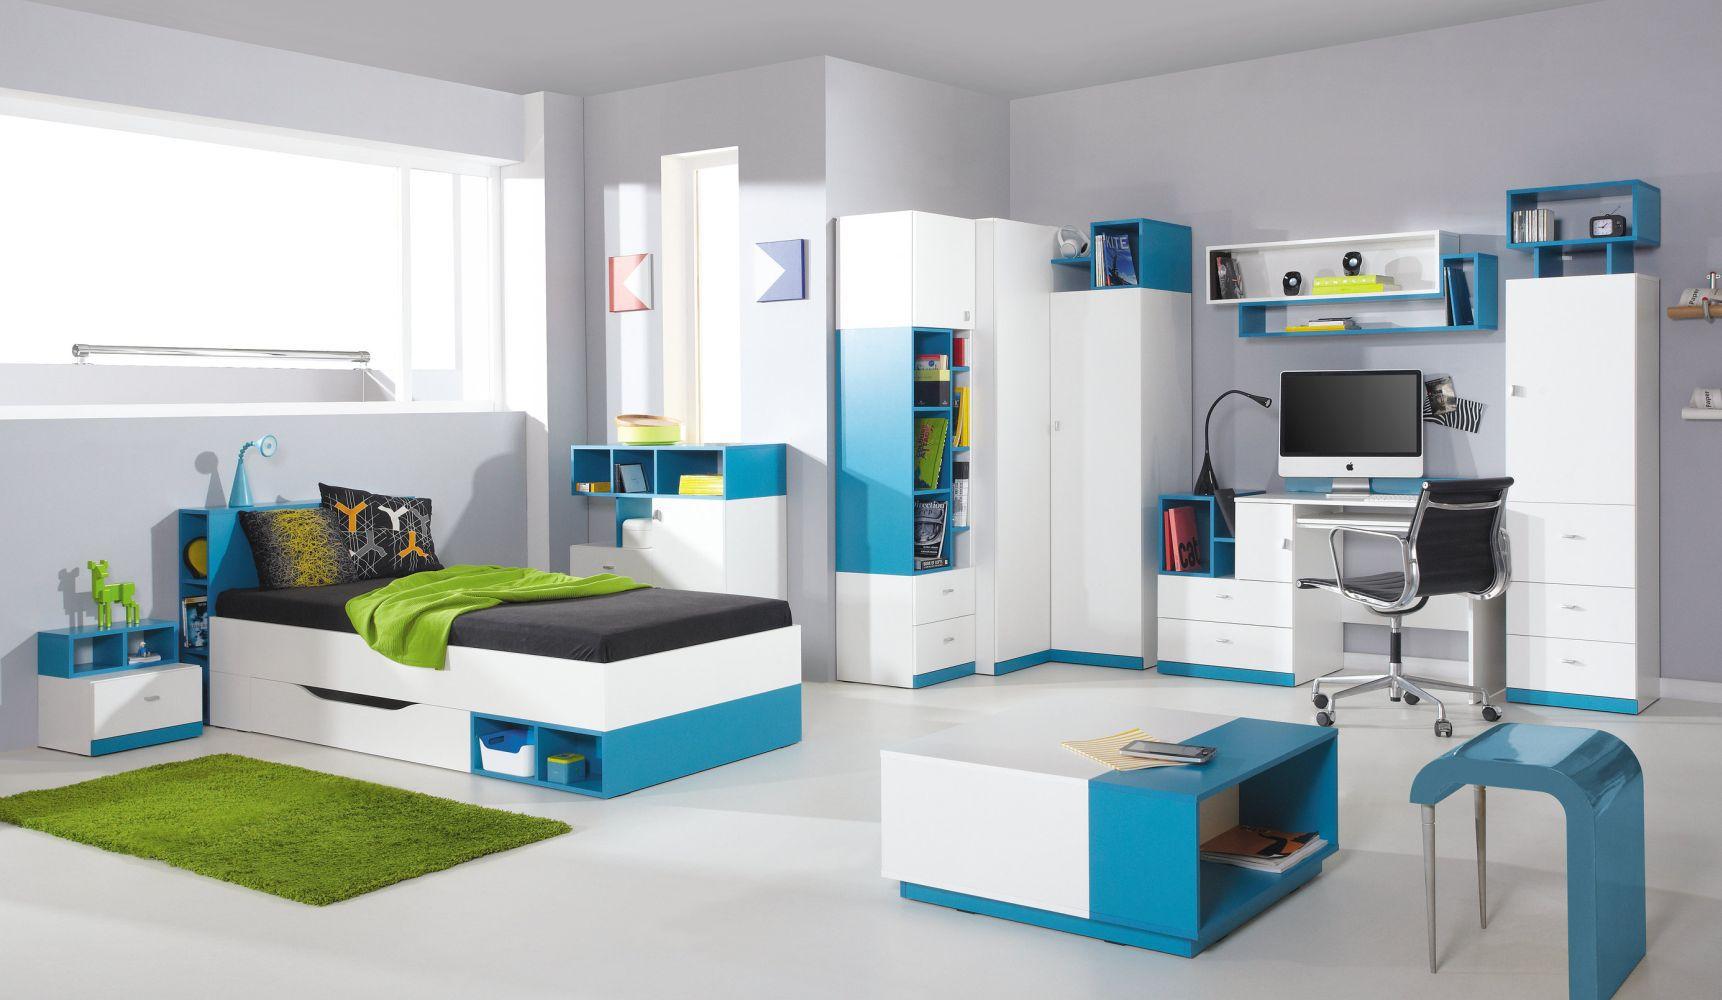 """Jugendzimmer Komplett - Set B """"Geel"""", 9-teilig, Weiß / Türkis"""